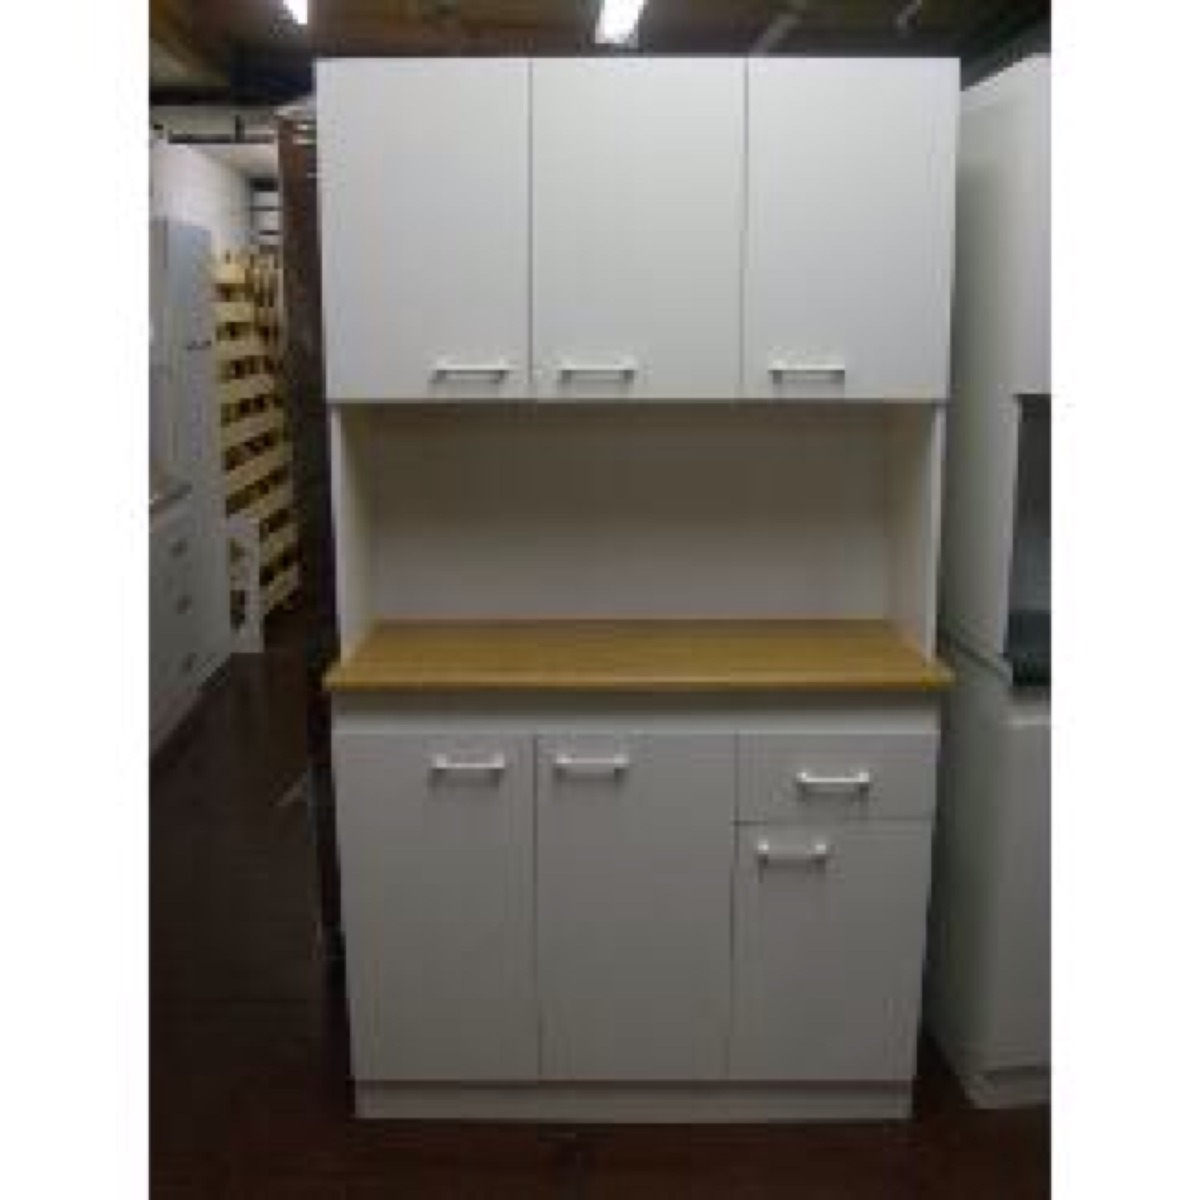 Mueble cocina compacto en mercado libre for Esmalte para muebles de cocina